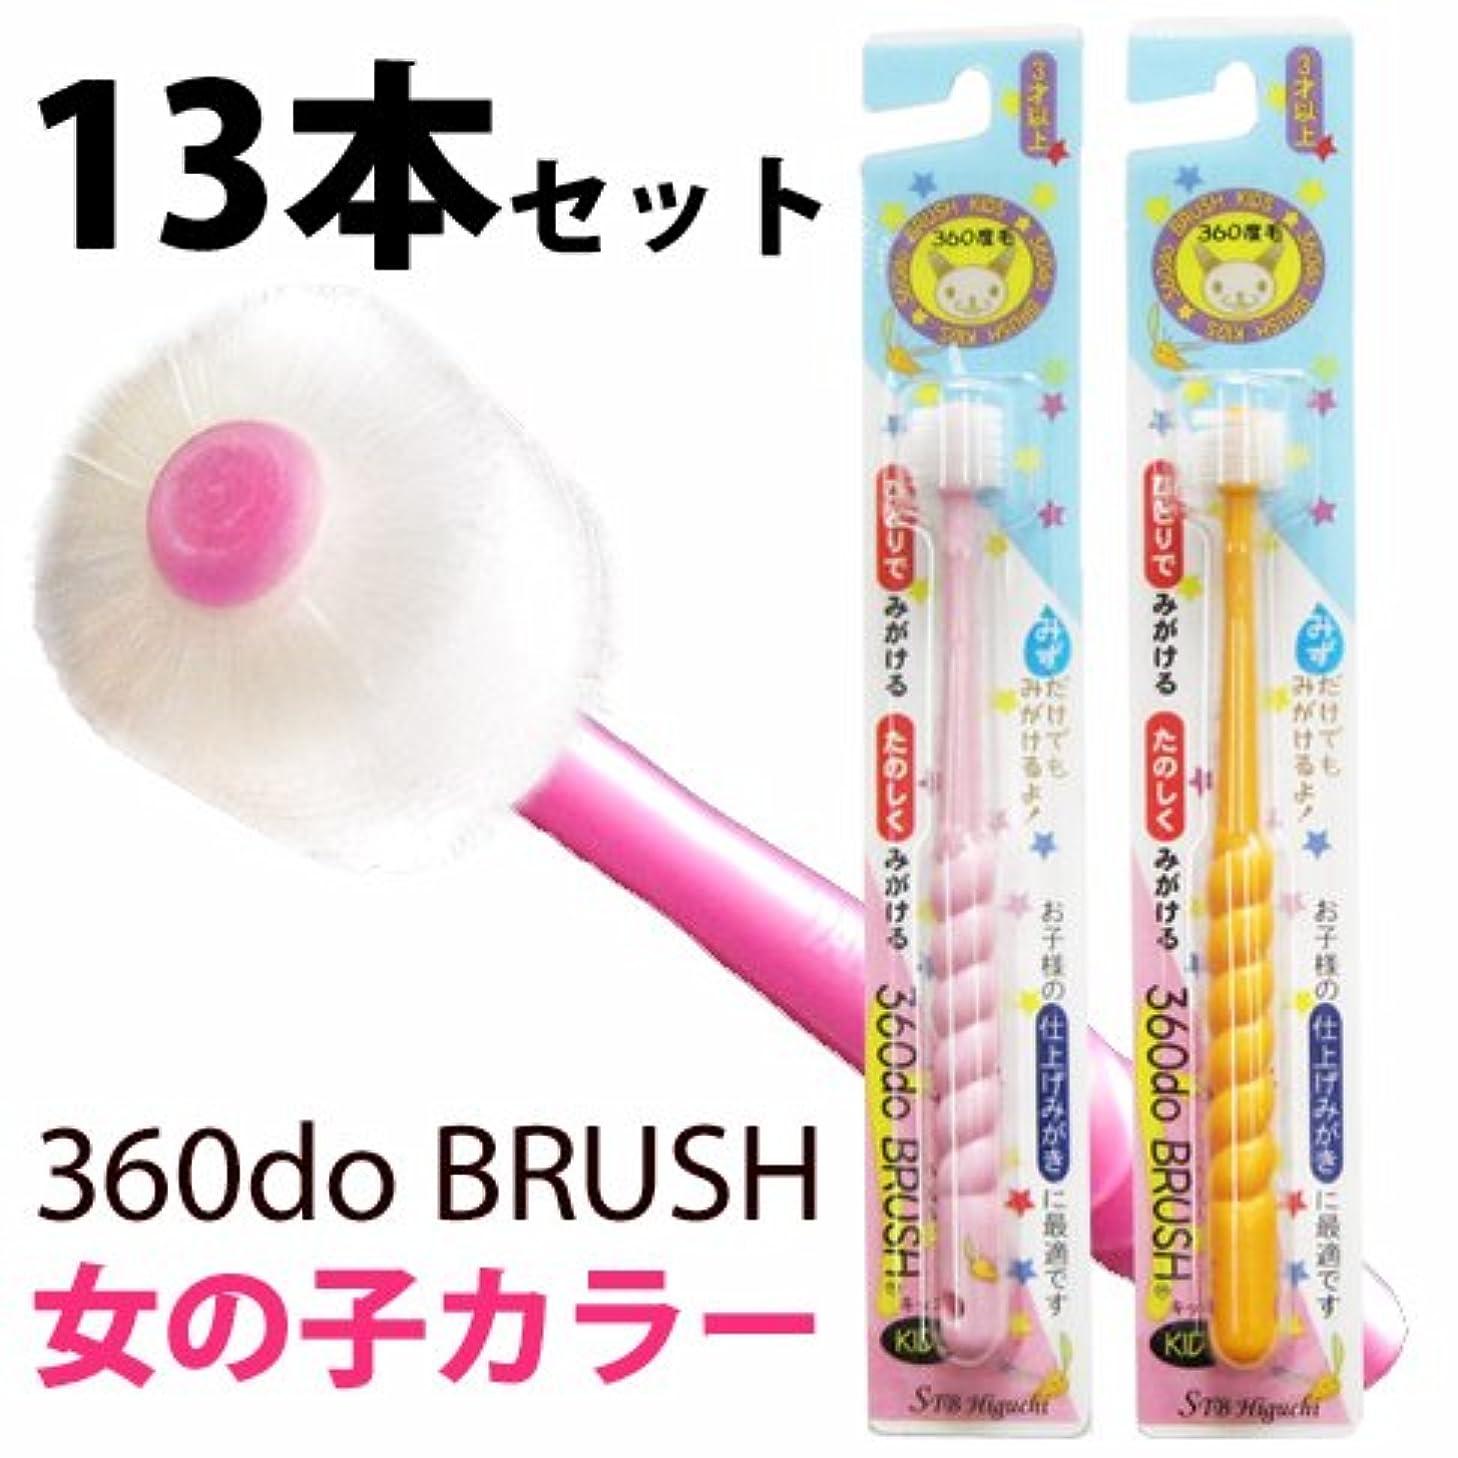 差別先例恒久的360do BRUSH 360度歯ブラシ キッズ 女の子用 13本セット